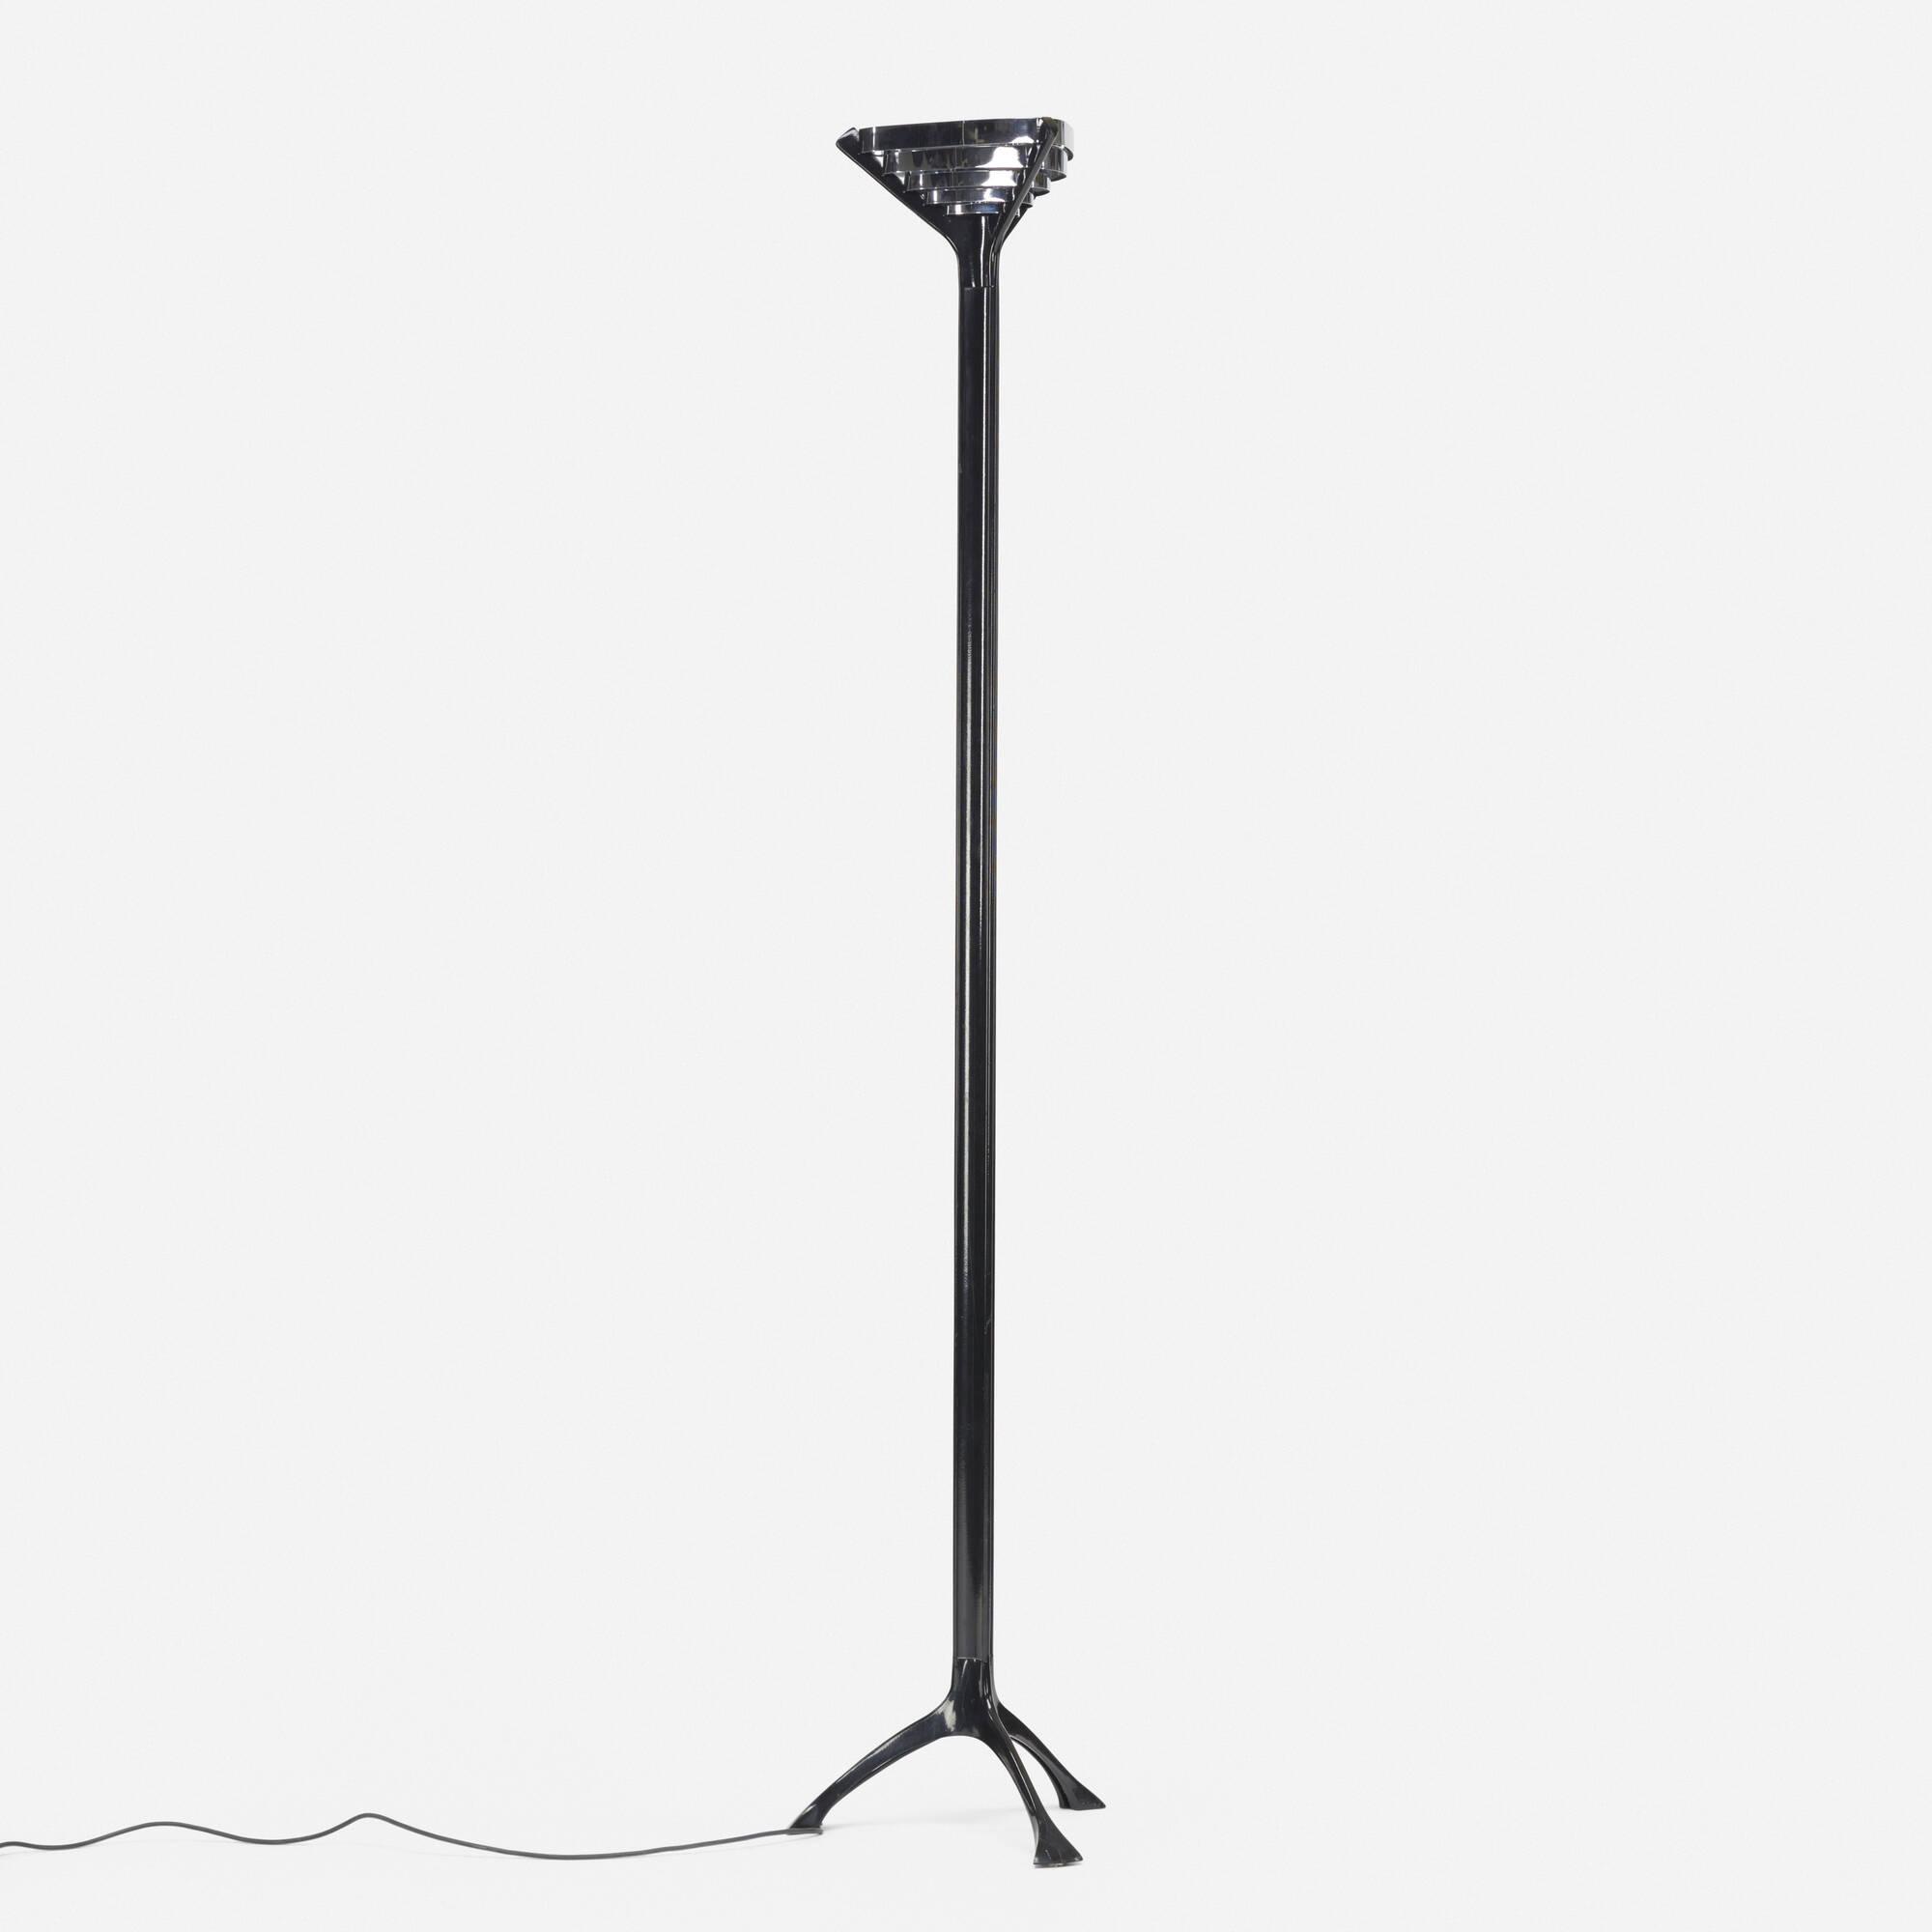 159: Angelo Mangiarotti / Tekne floor lamp (1 of 2)